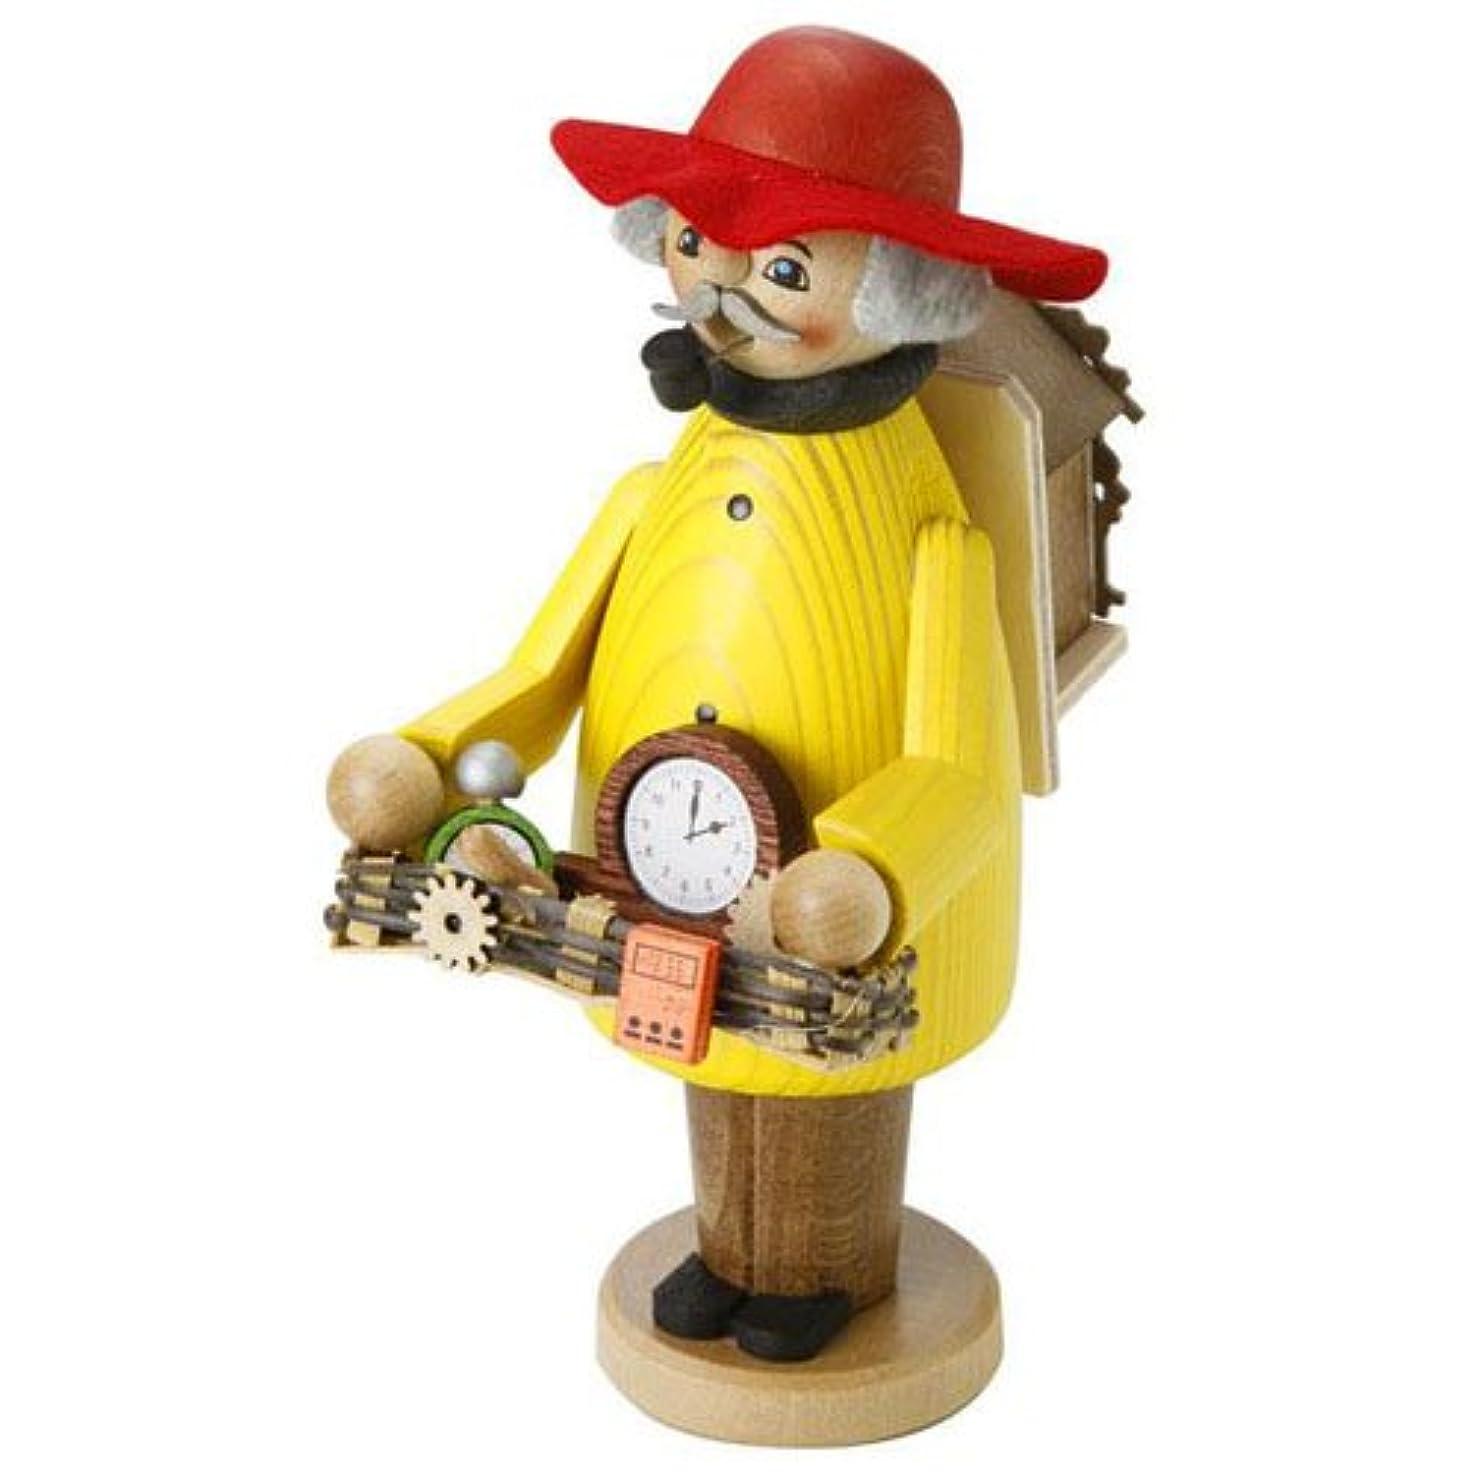 通り光電算術kuhnert ミニパイプ人形香炉 時計売り